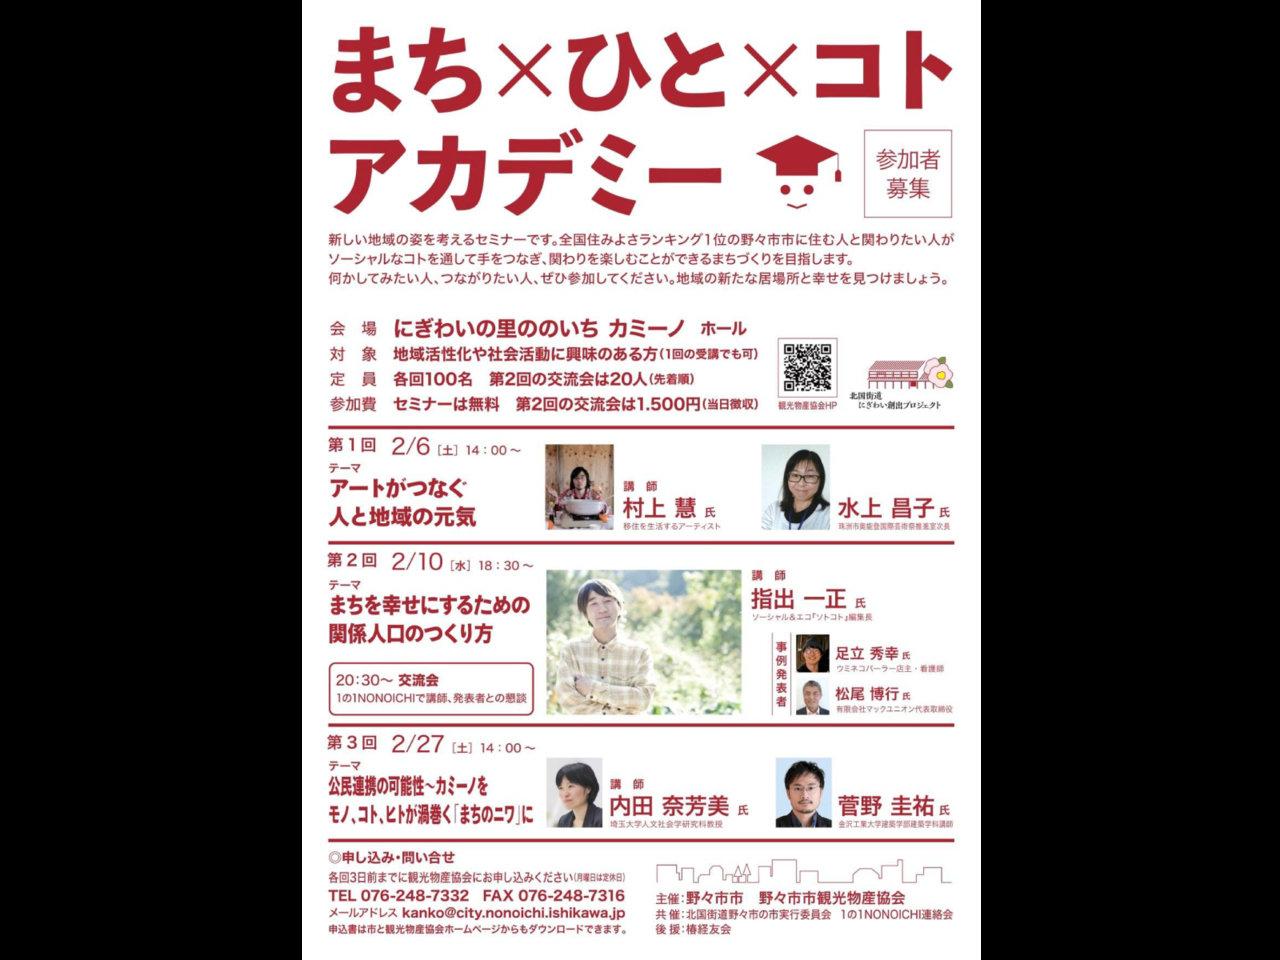 石川県野々市市で「まち×ひと×コトアカデミー」、お待ちしています!